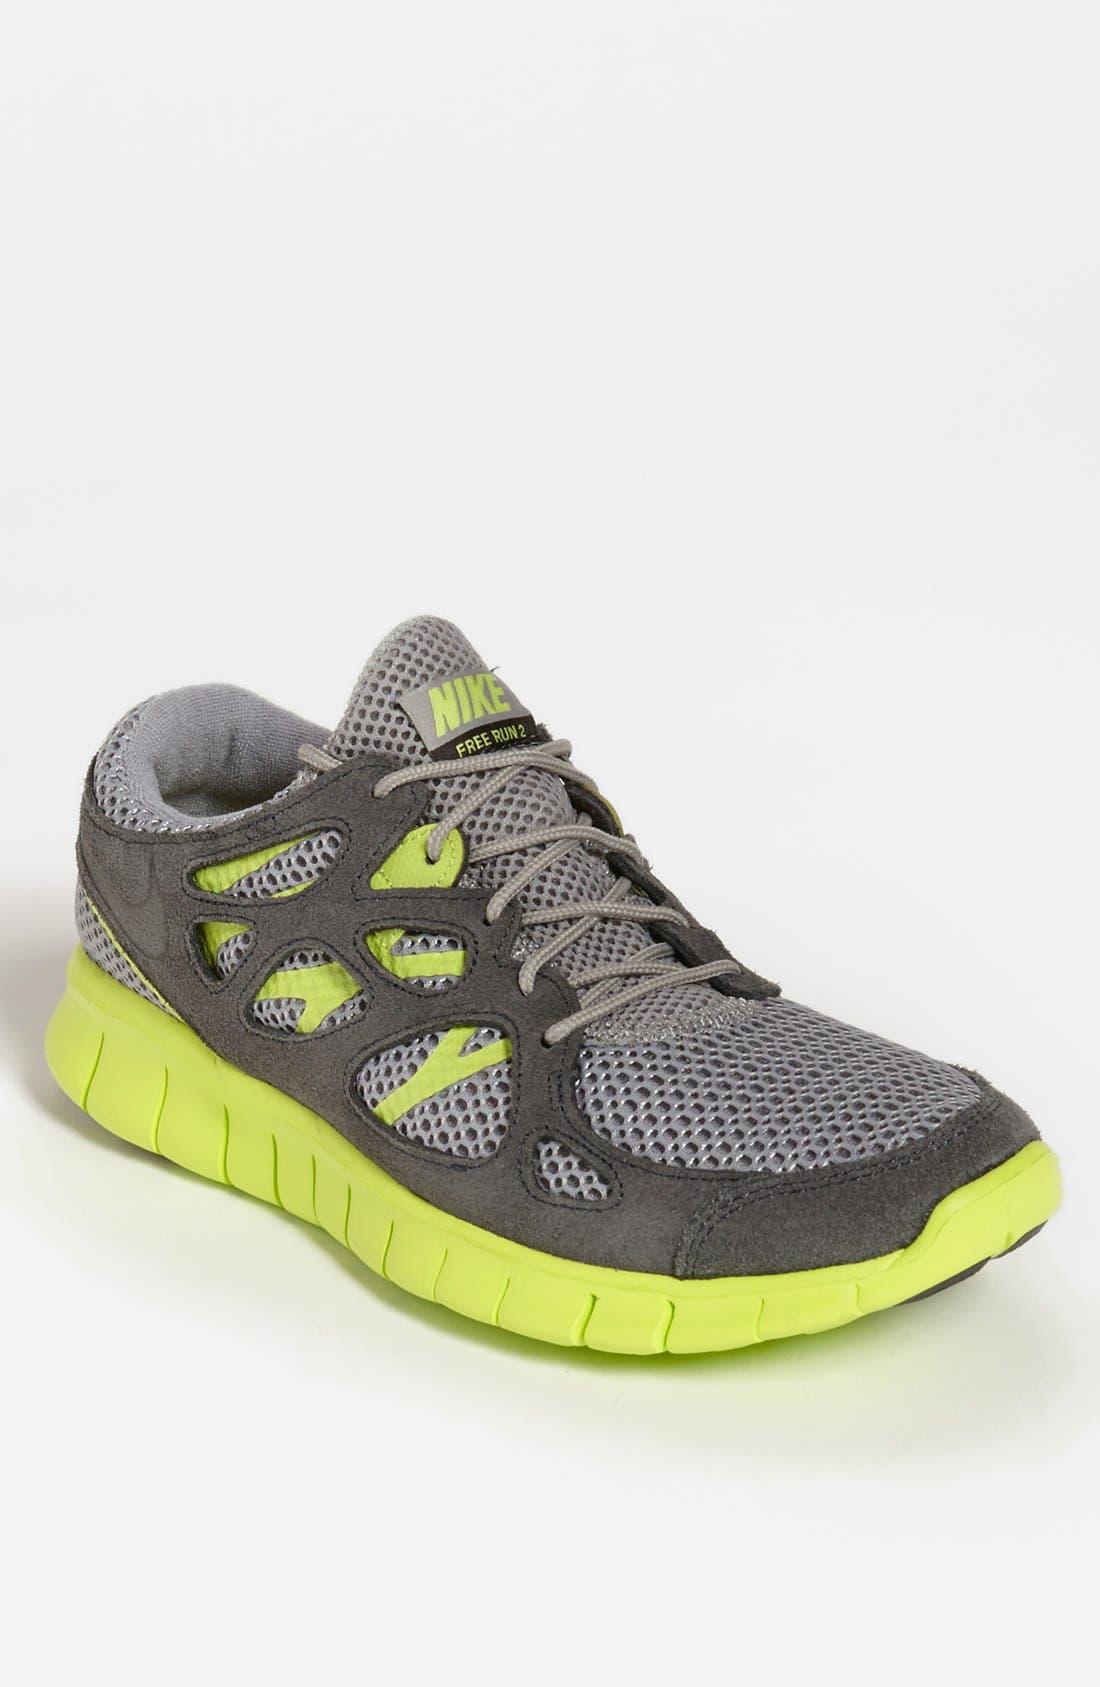 Alternate Image 1 Selected - Nike 'Free Run+ 2 EXT' Running Shoe (Men)